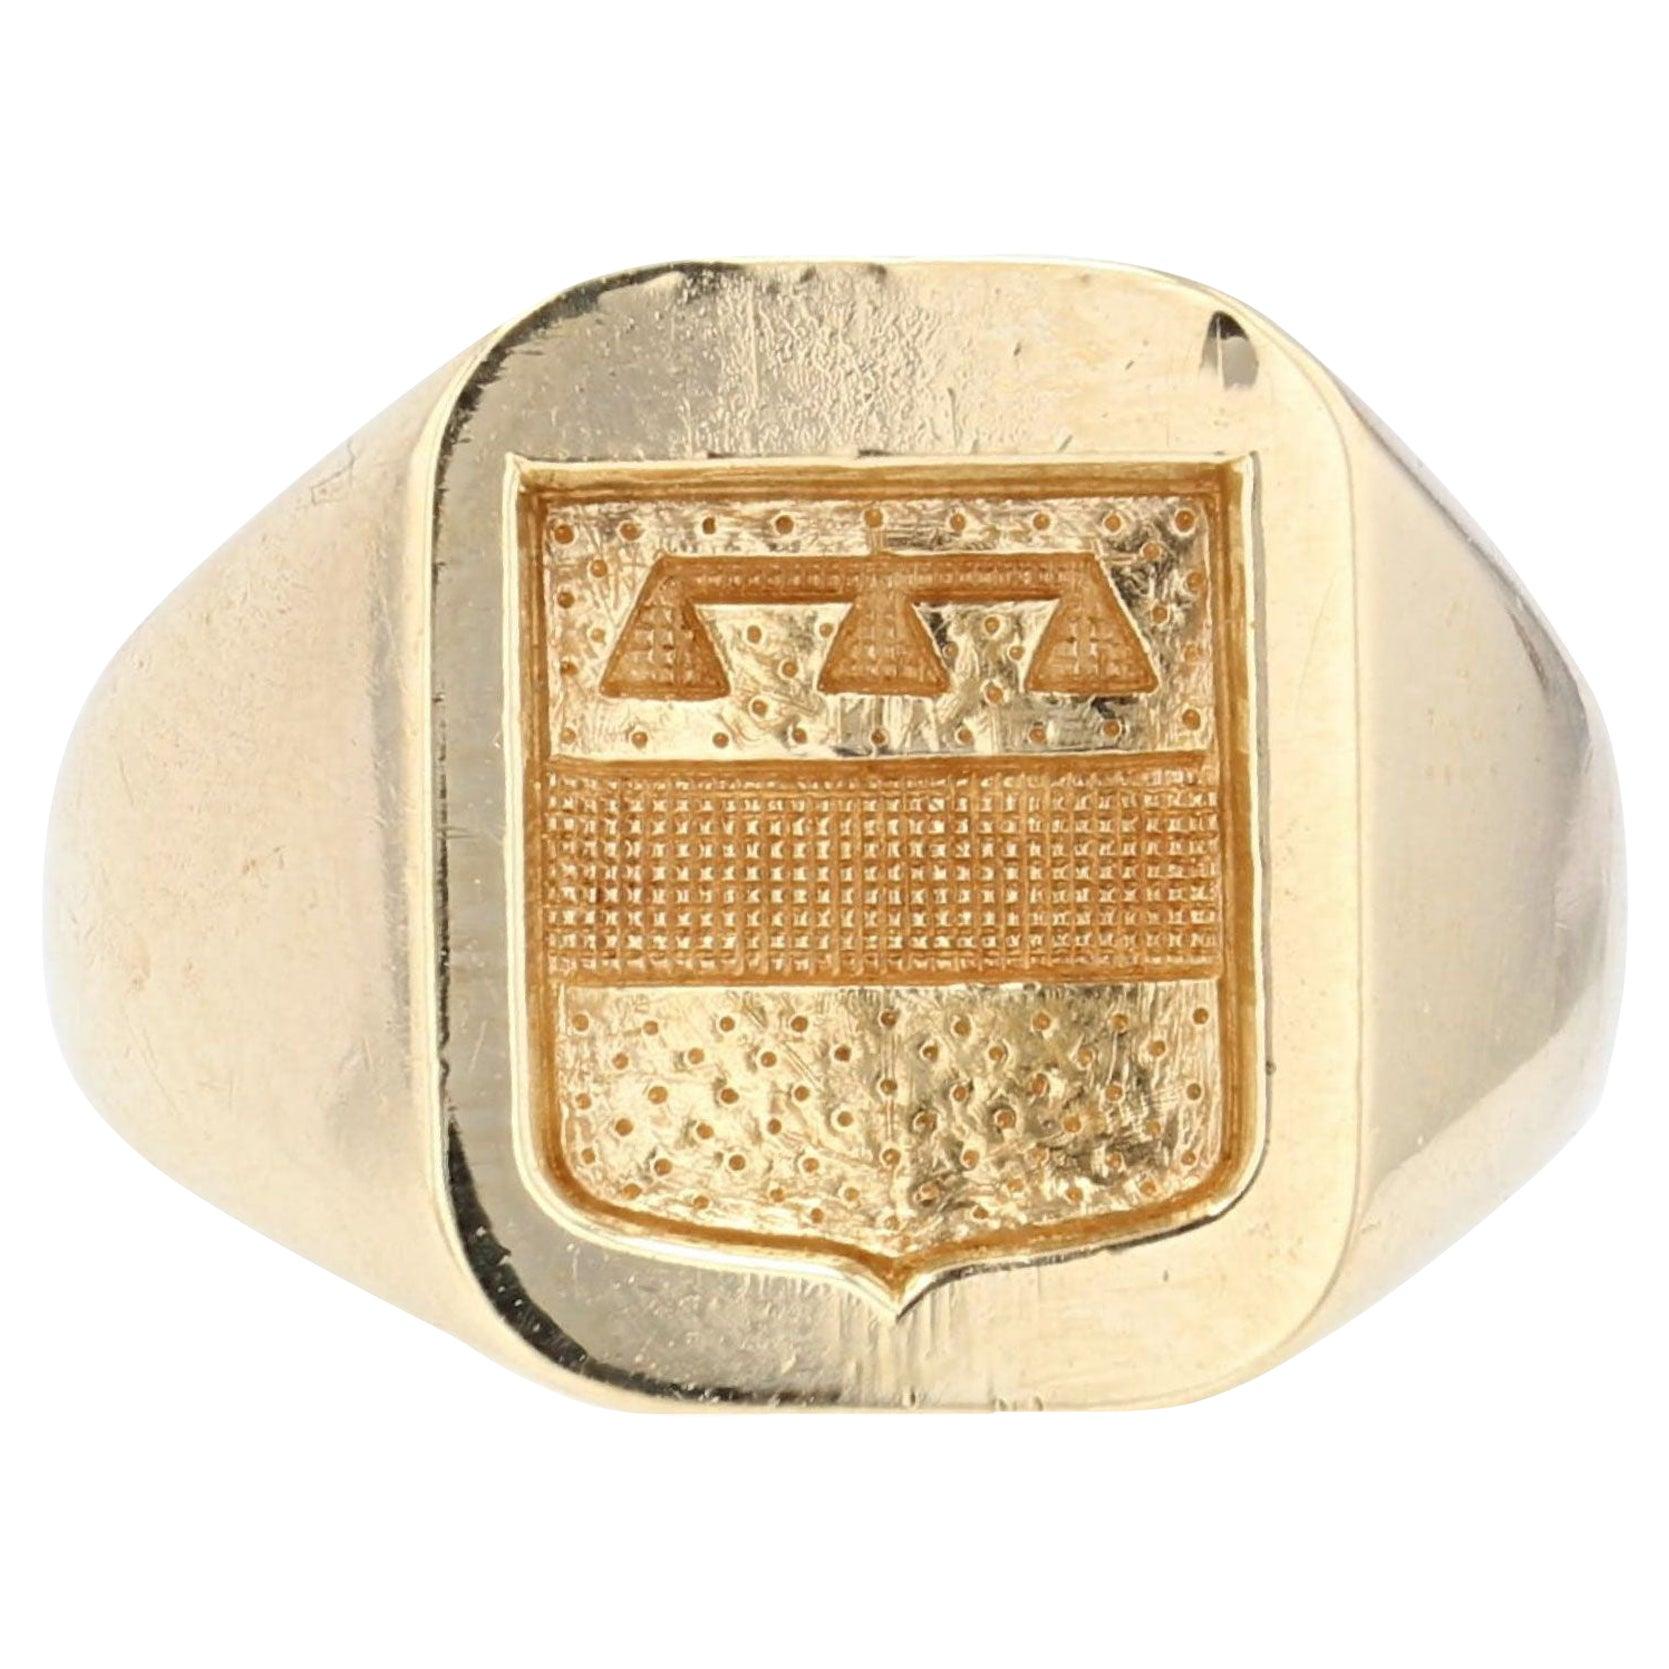 1950s 18 Karat Yellow Gold Armored Signet Ring